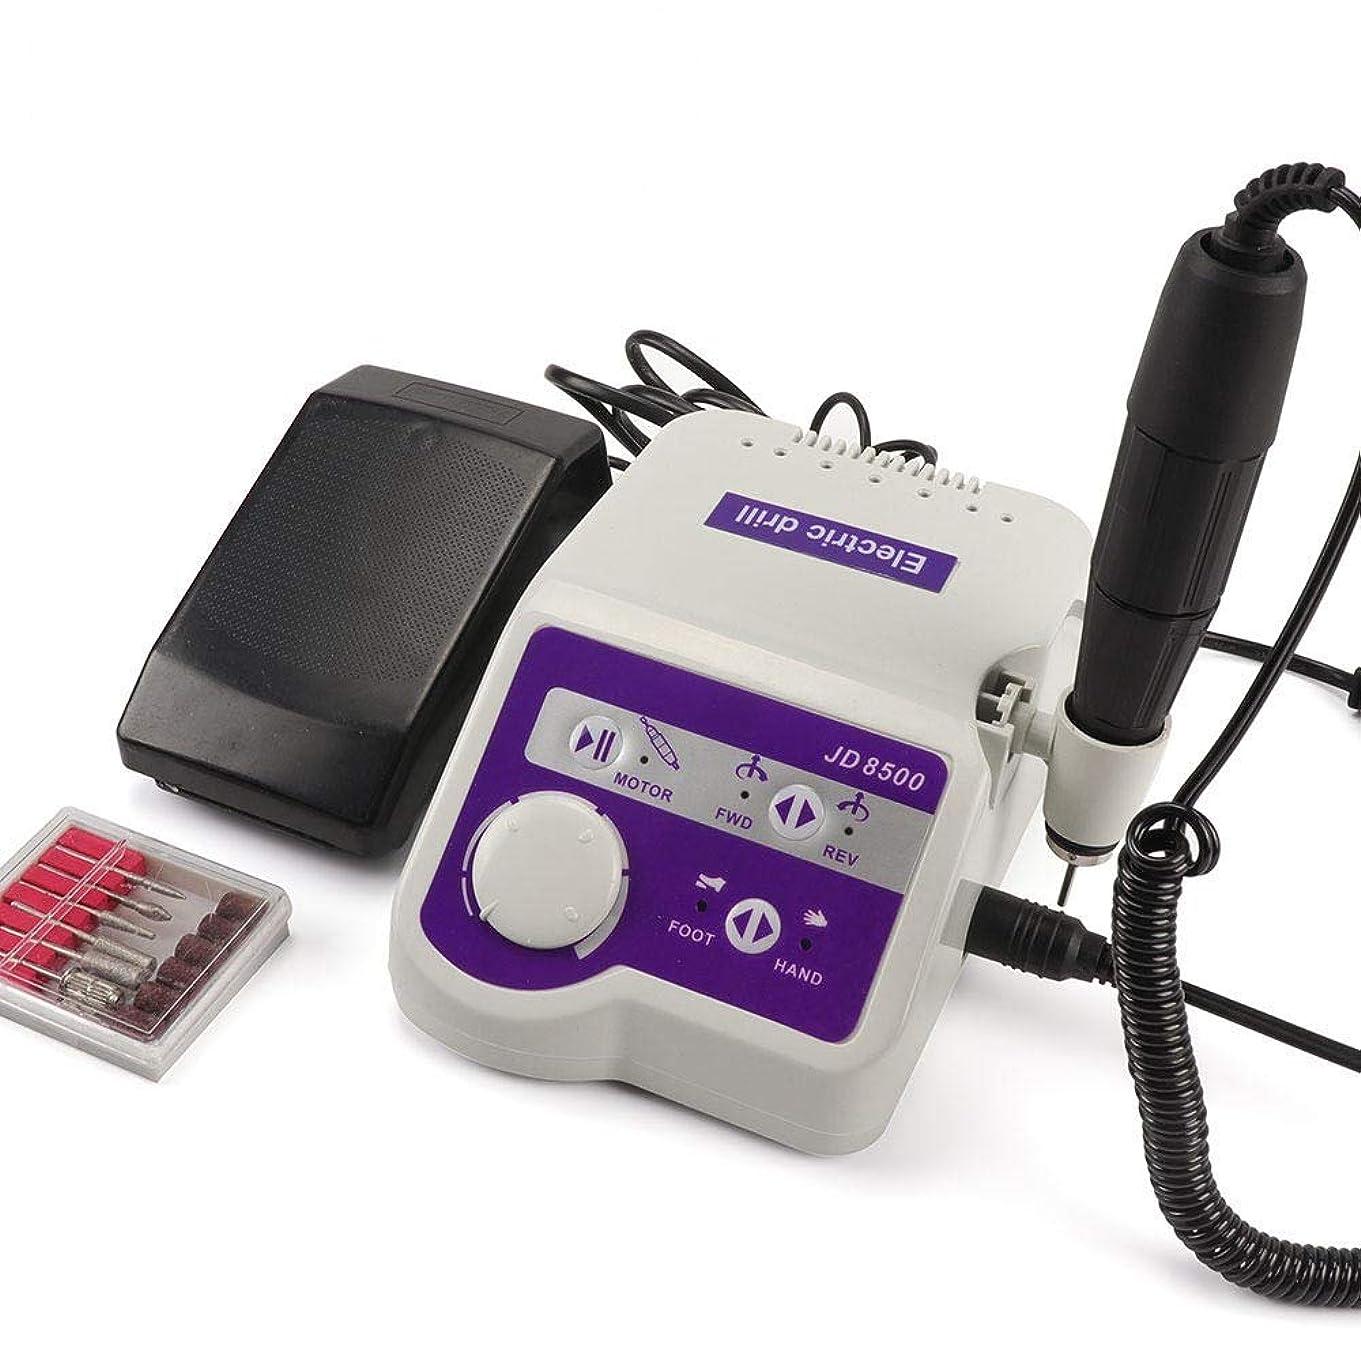 増幅あえぎスリット65ワット35000 rpmプロフェッショナルJD8500電動ネイルドリル機35000 rpmマニキュアツールペディキュアポリッシャーネイルアート機器